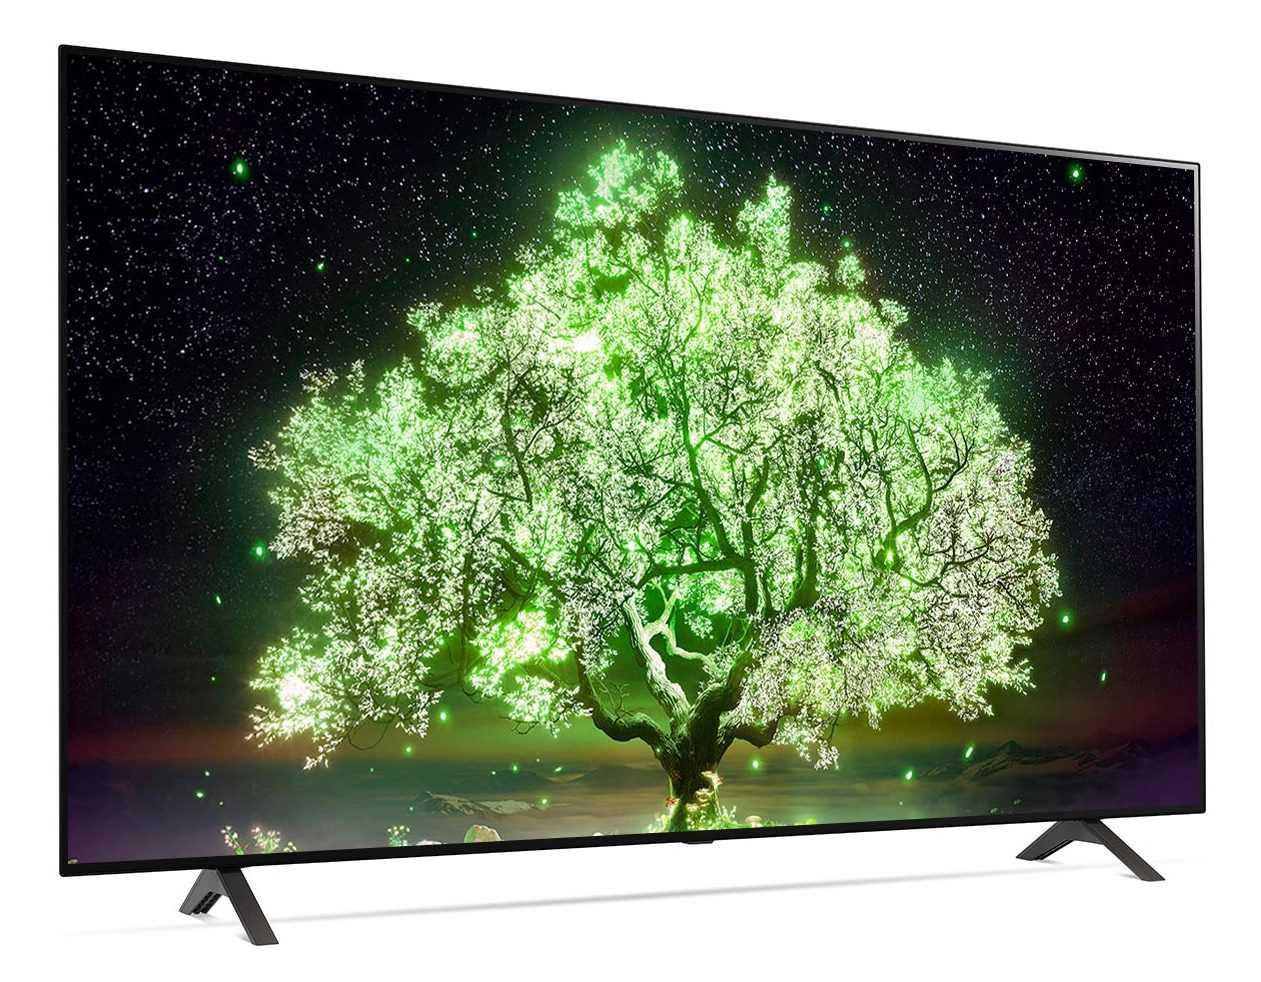 טלוויזיה 55 אינץ' דגם OLED 55A16LA/PVA  בטכנולוגיית LG OLED 4K Ultra HD אל ג'י - תמונה 6